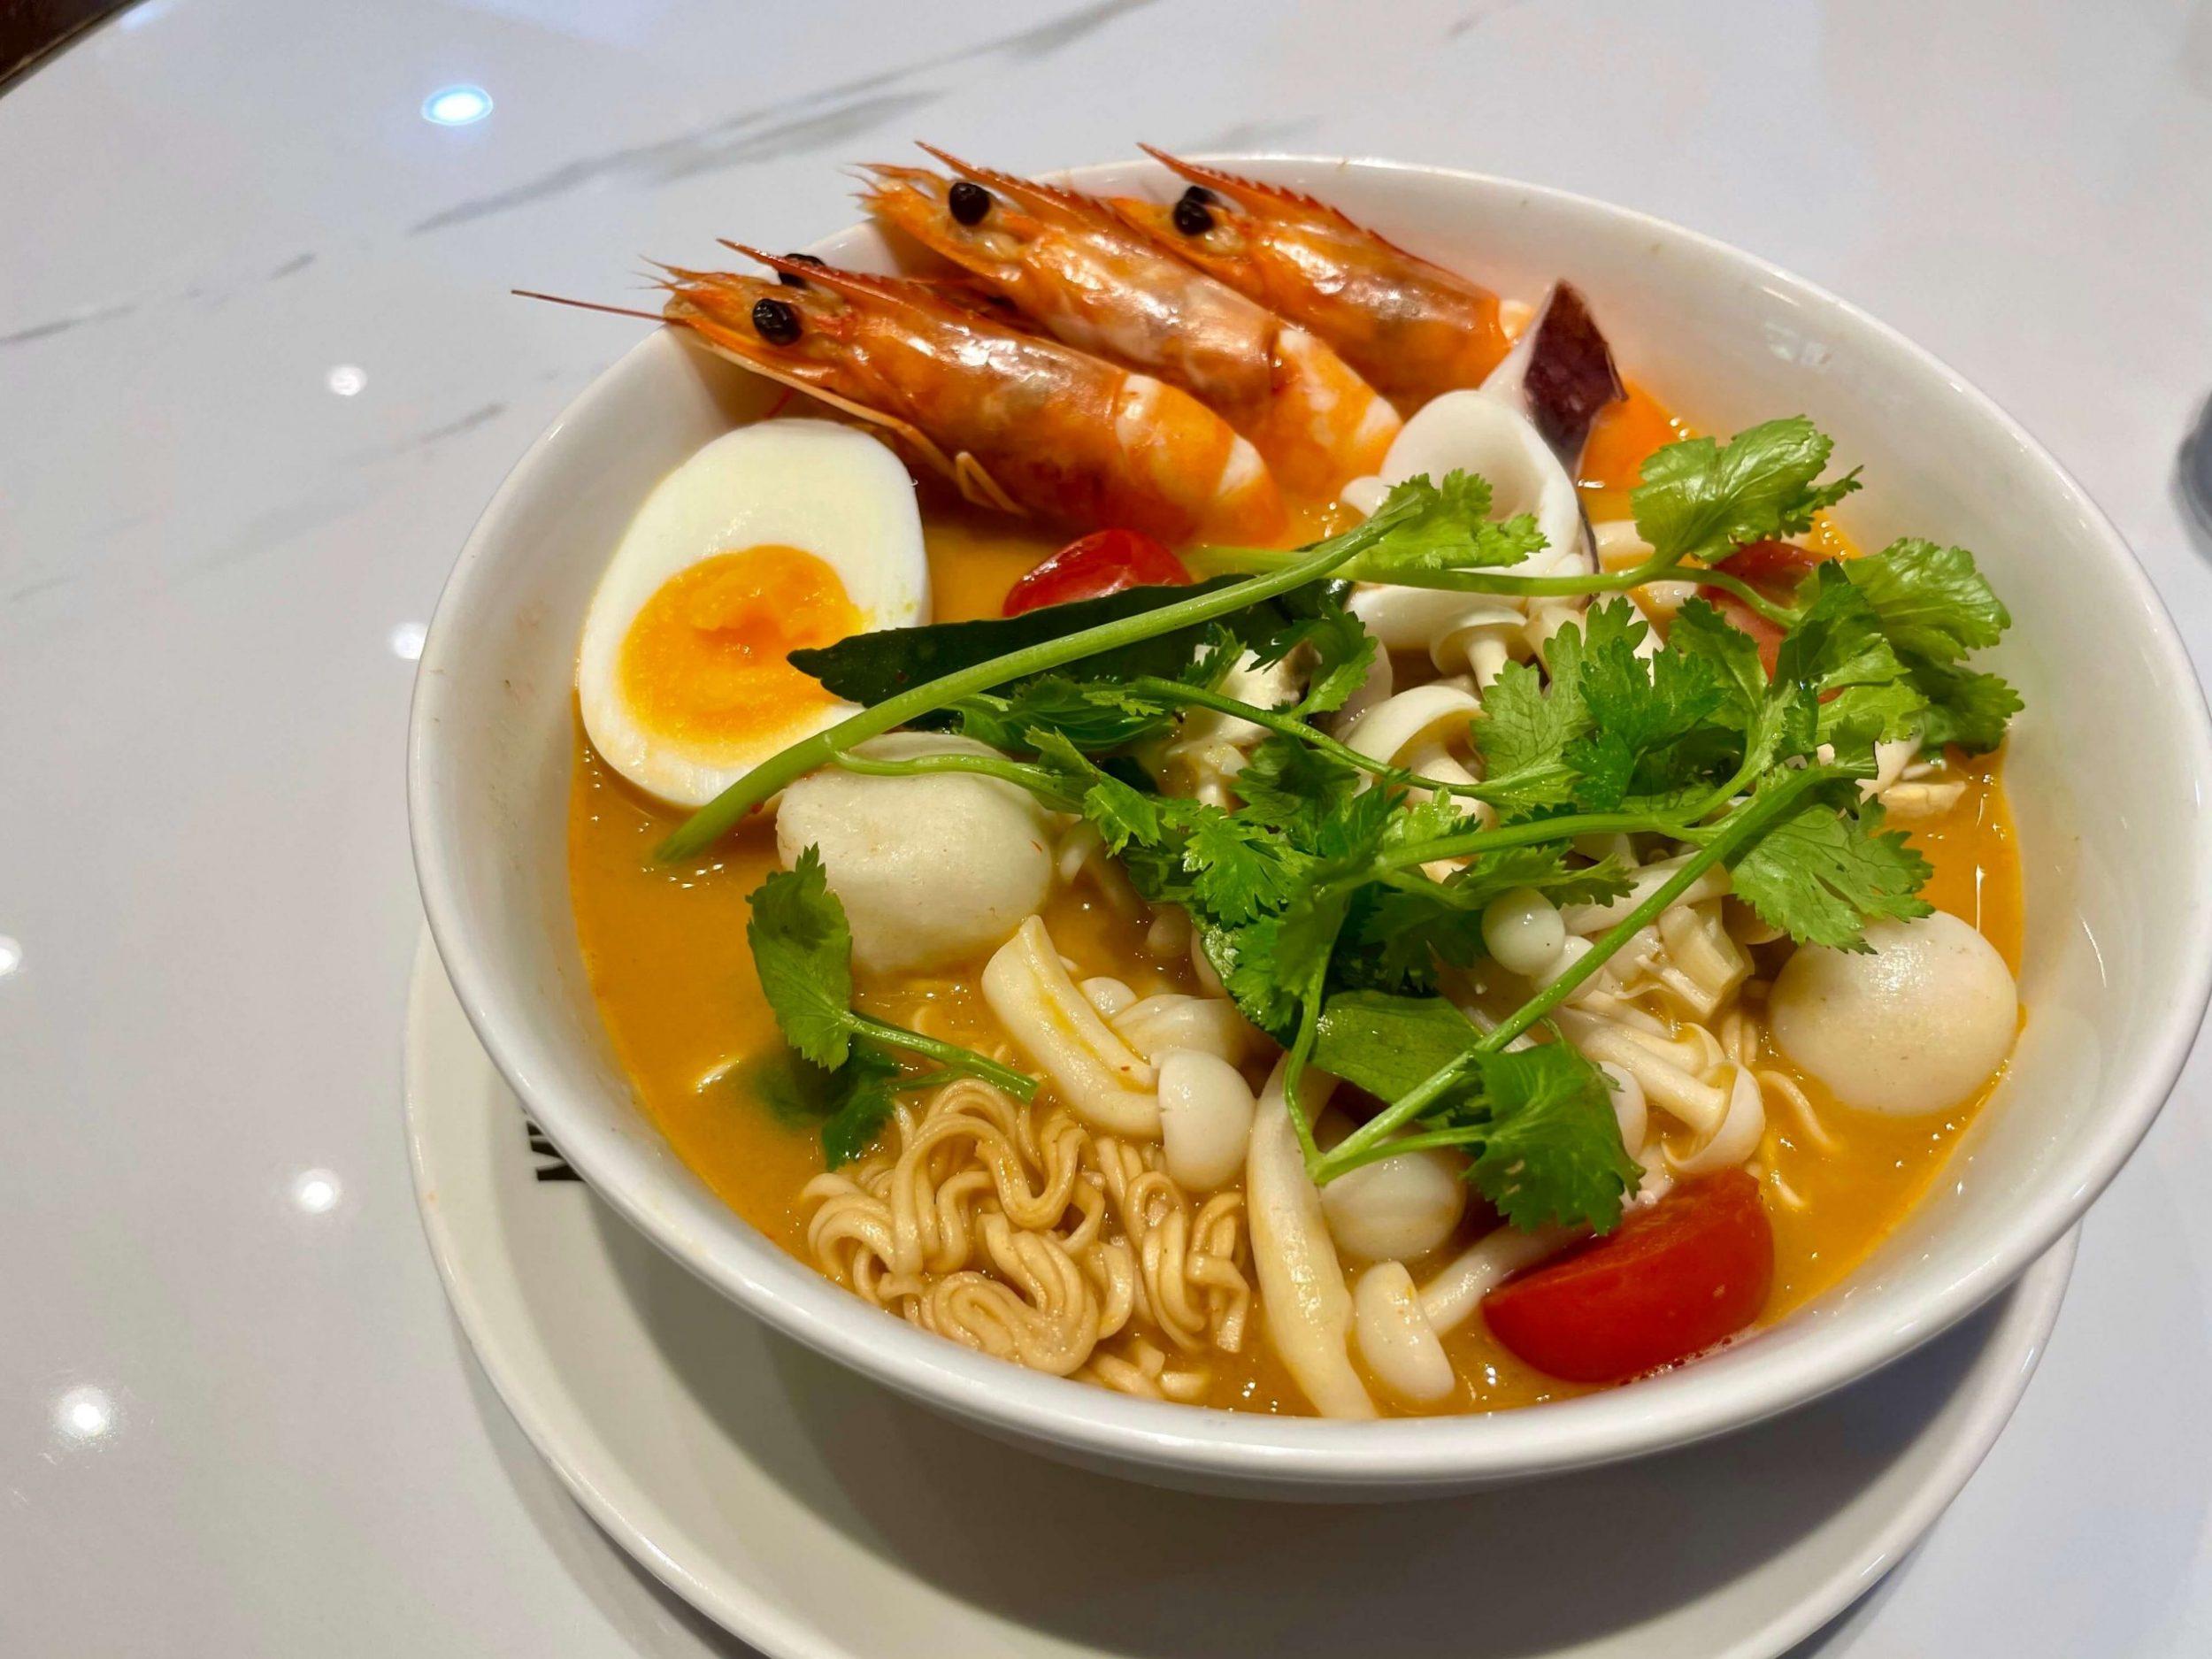 Musa泰國料理|用餐環境舒適,多道經典與特色料理吃得好滿足  /台南美術2館附近泰國料理